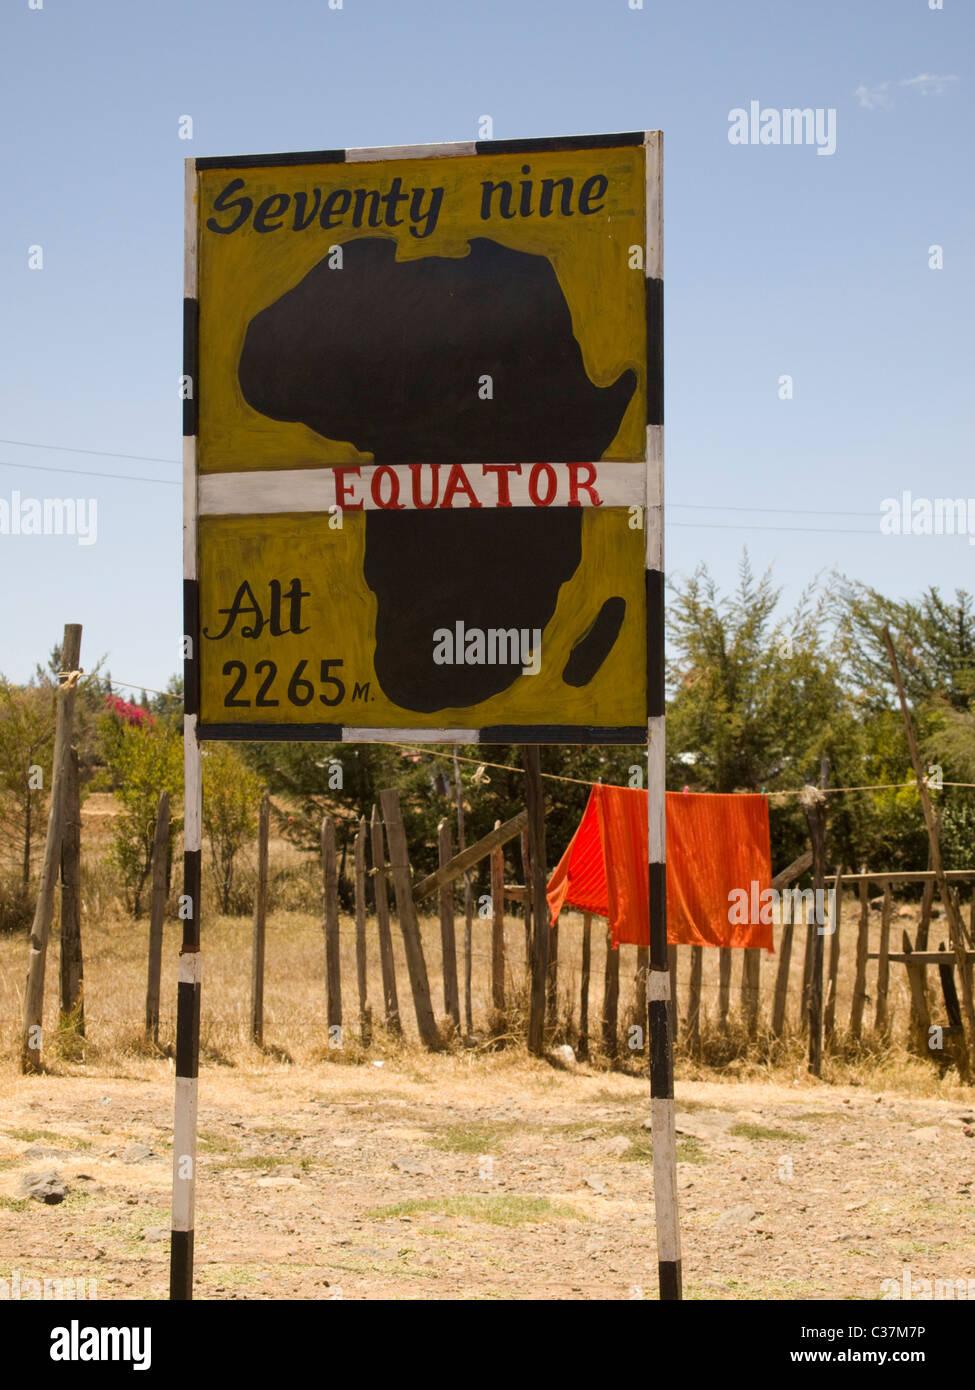 Equator line signpost, Kenya, East Africa - Stock Image